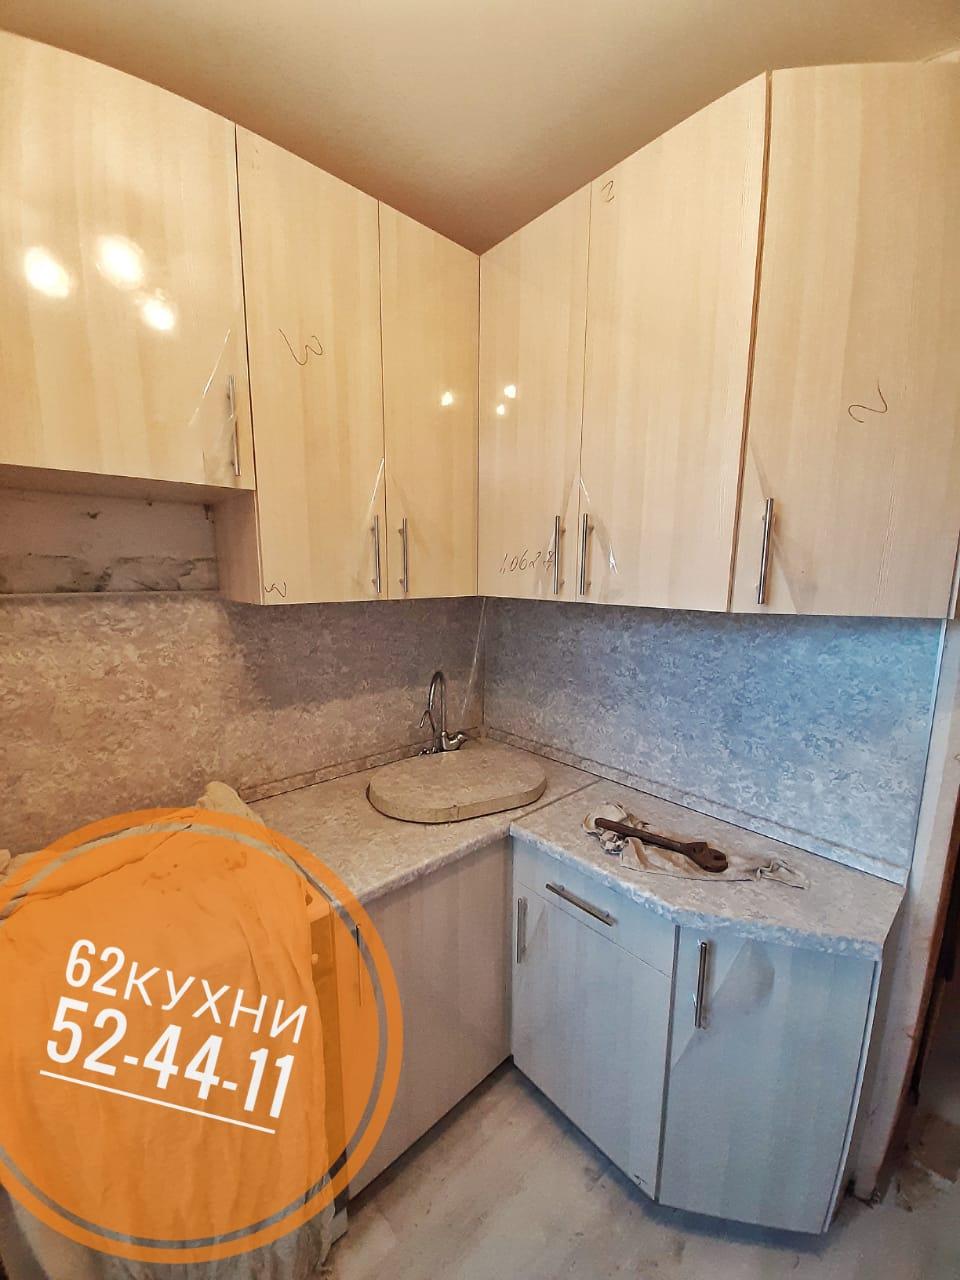 Маленькая угловая кухня от компании 62 кухни